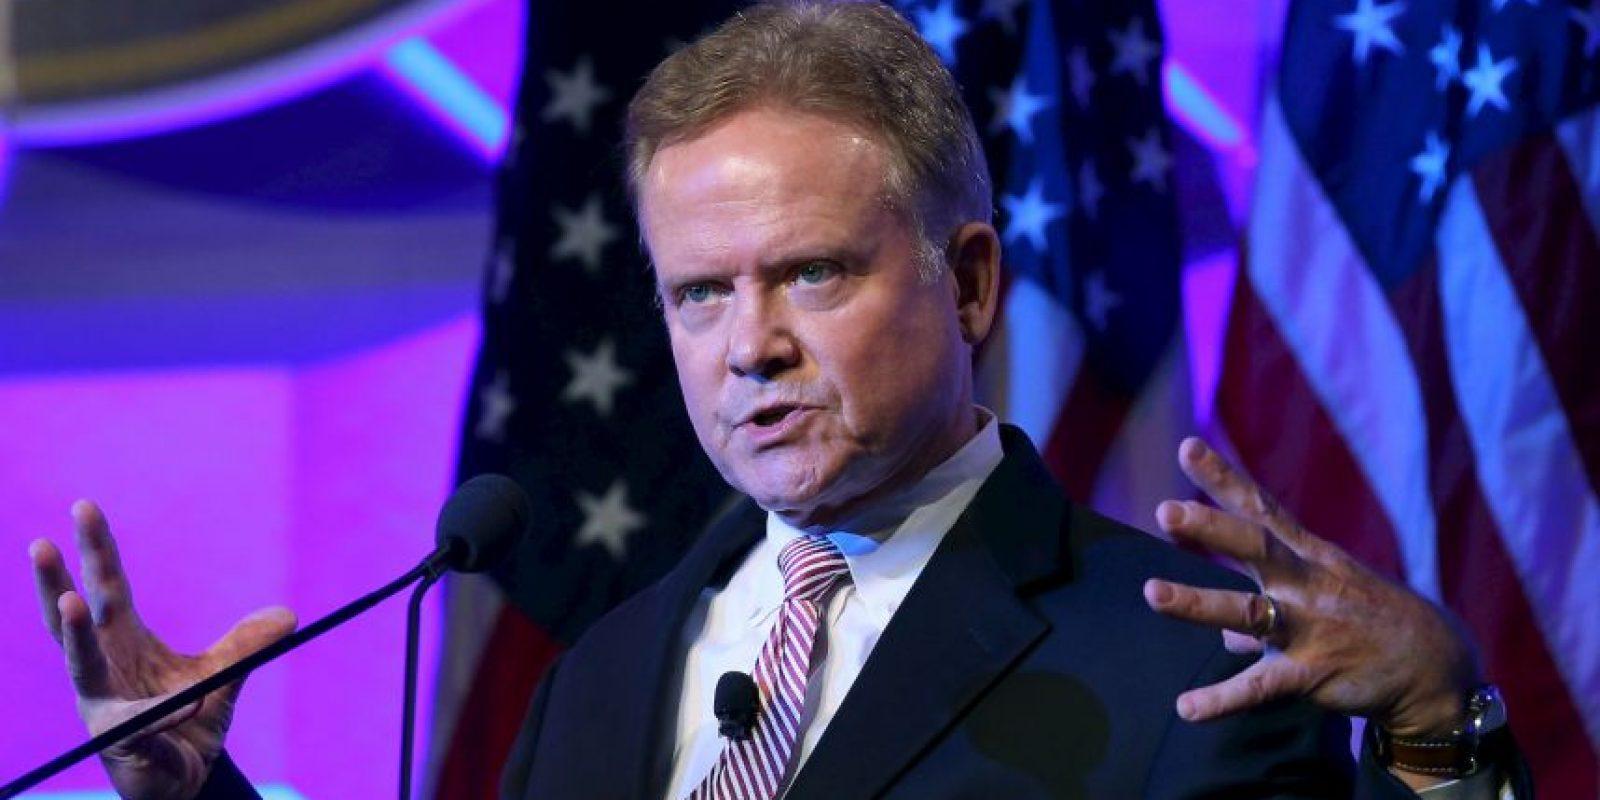 Ha destacado su experiencia militar como parte de su campaña. Foto:Getty Images